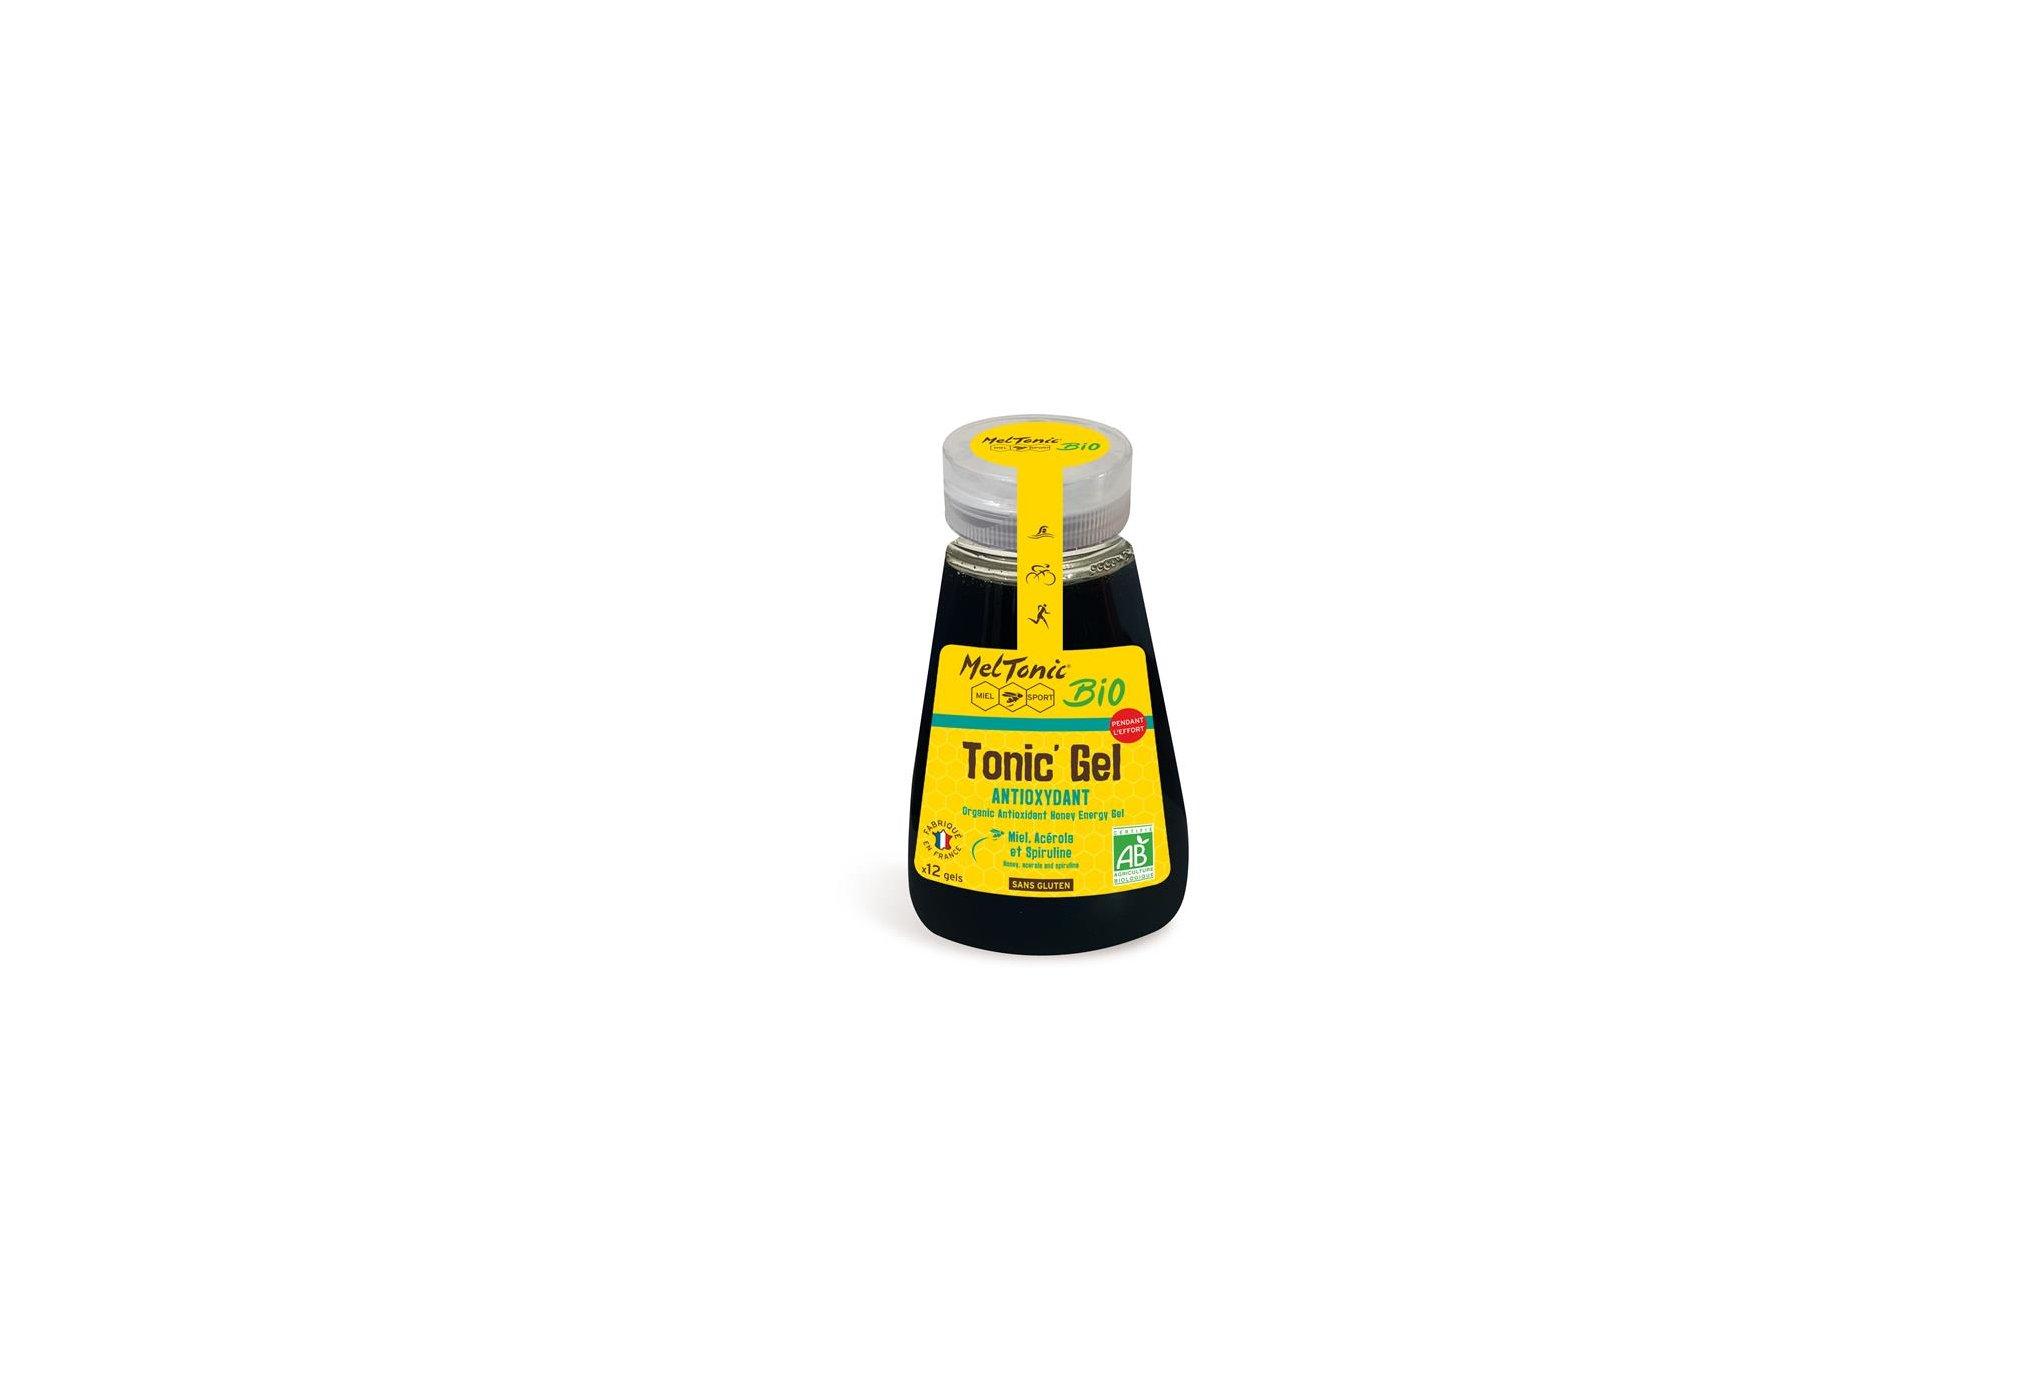 MelTonic Recharge Eco Tonic'Gel Antioxydant Bio Diététique Gels